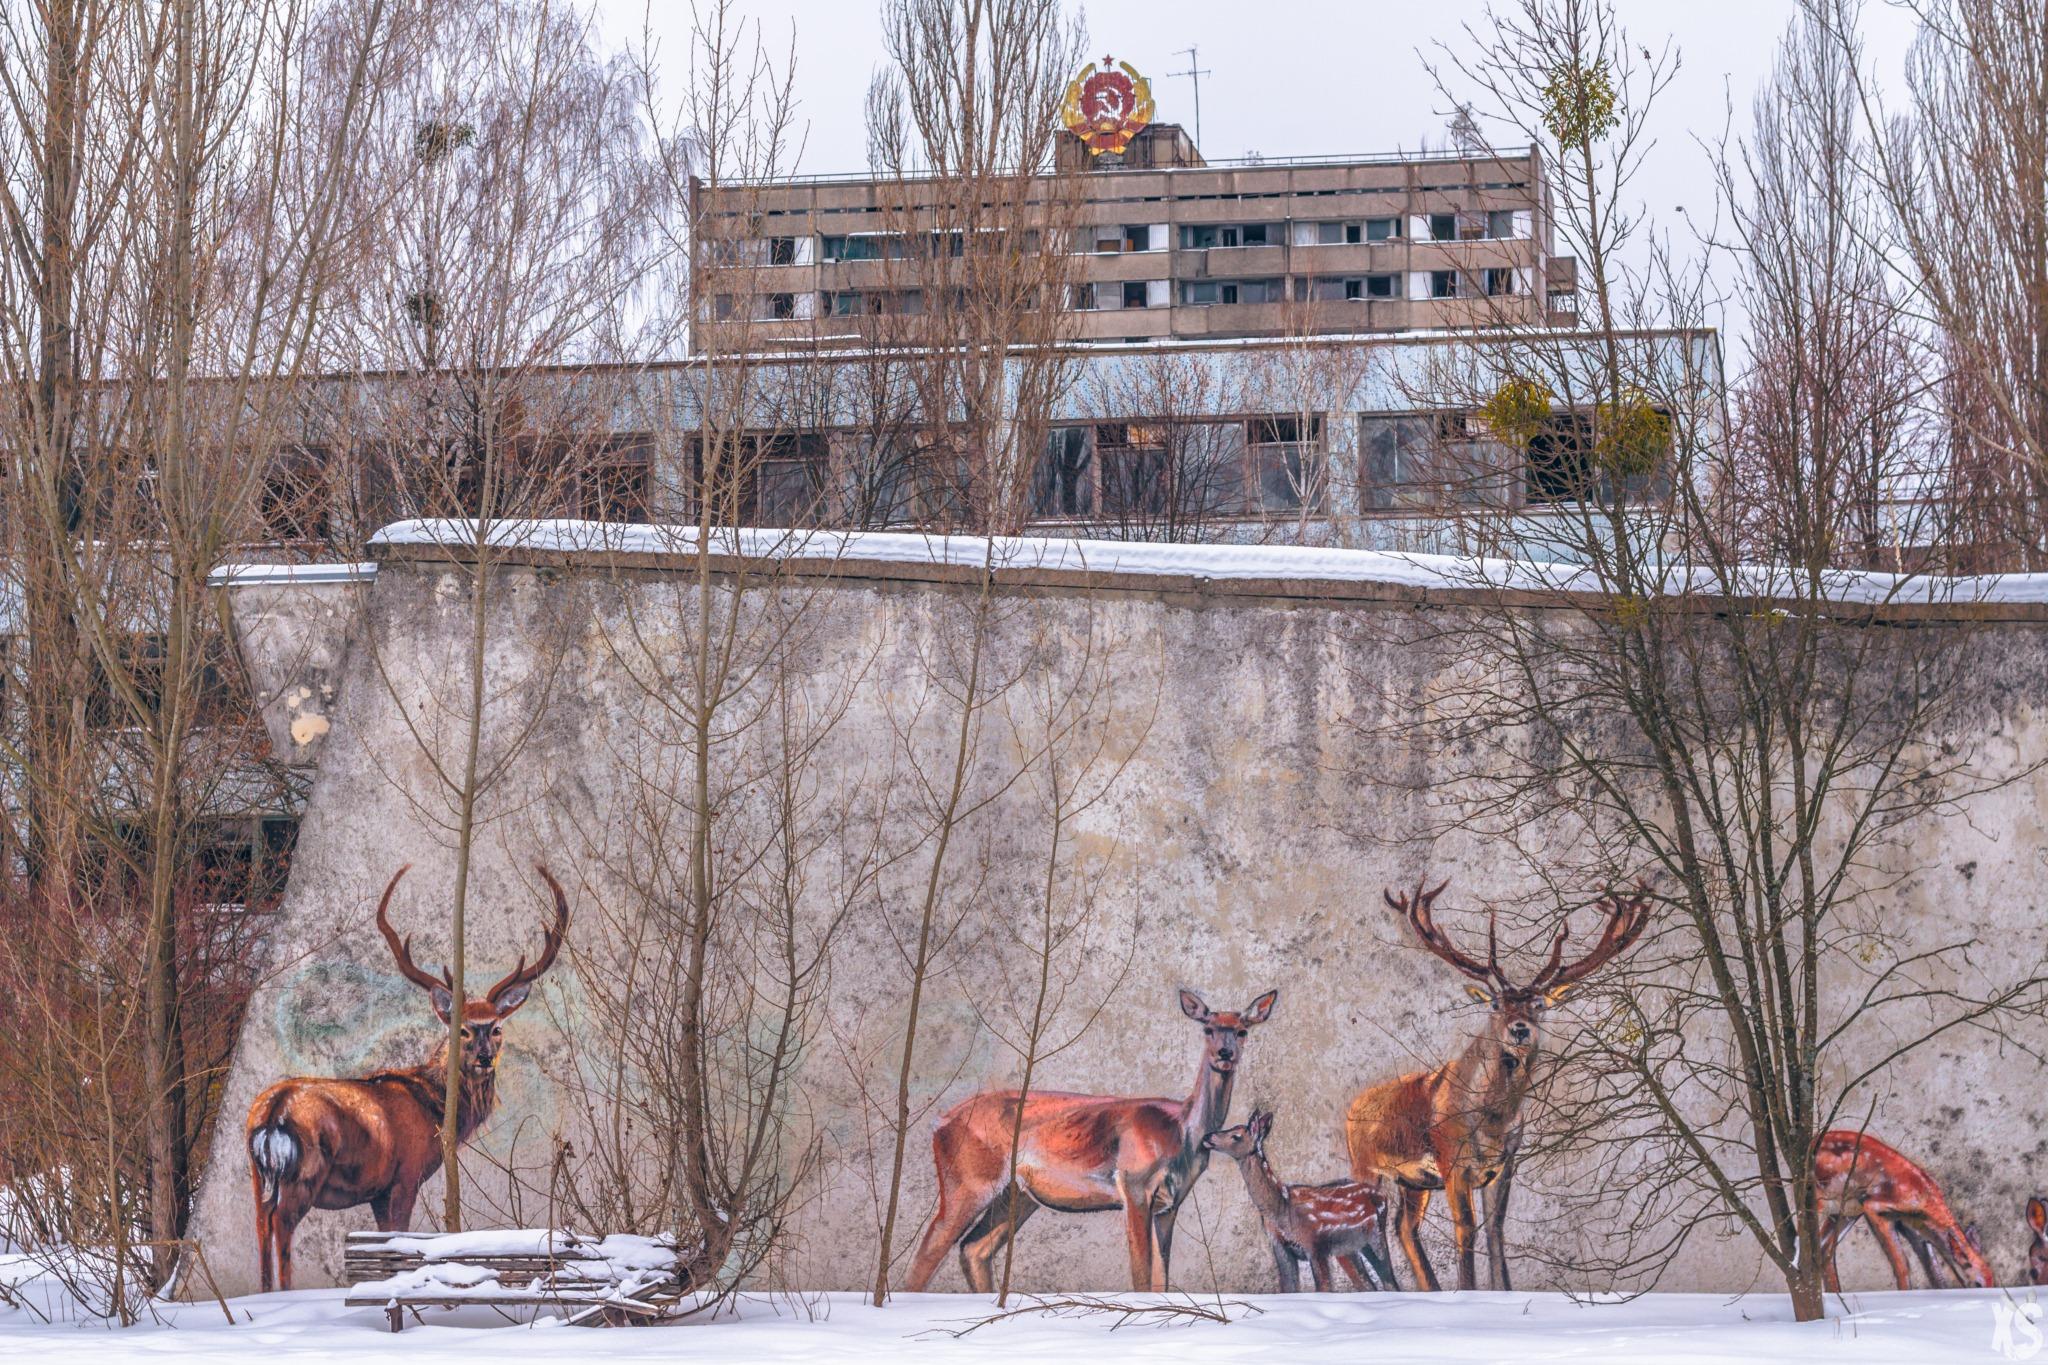 Visit Chernobyl and Pripyat